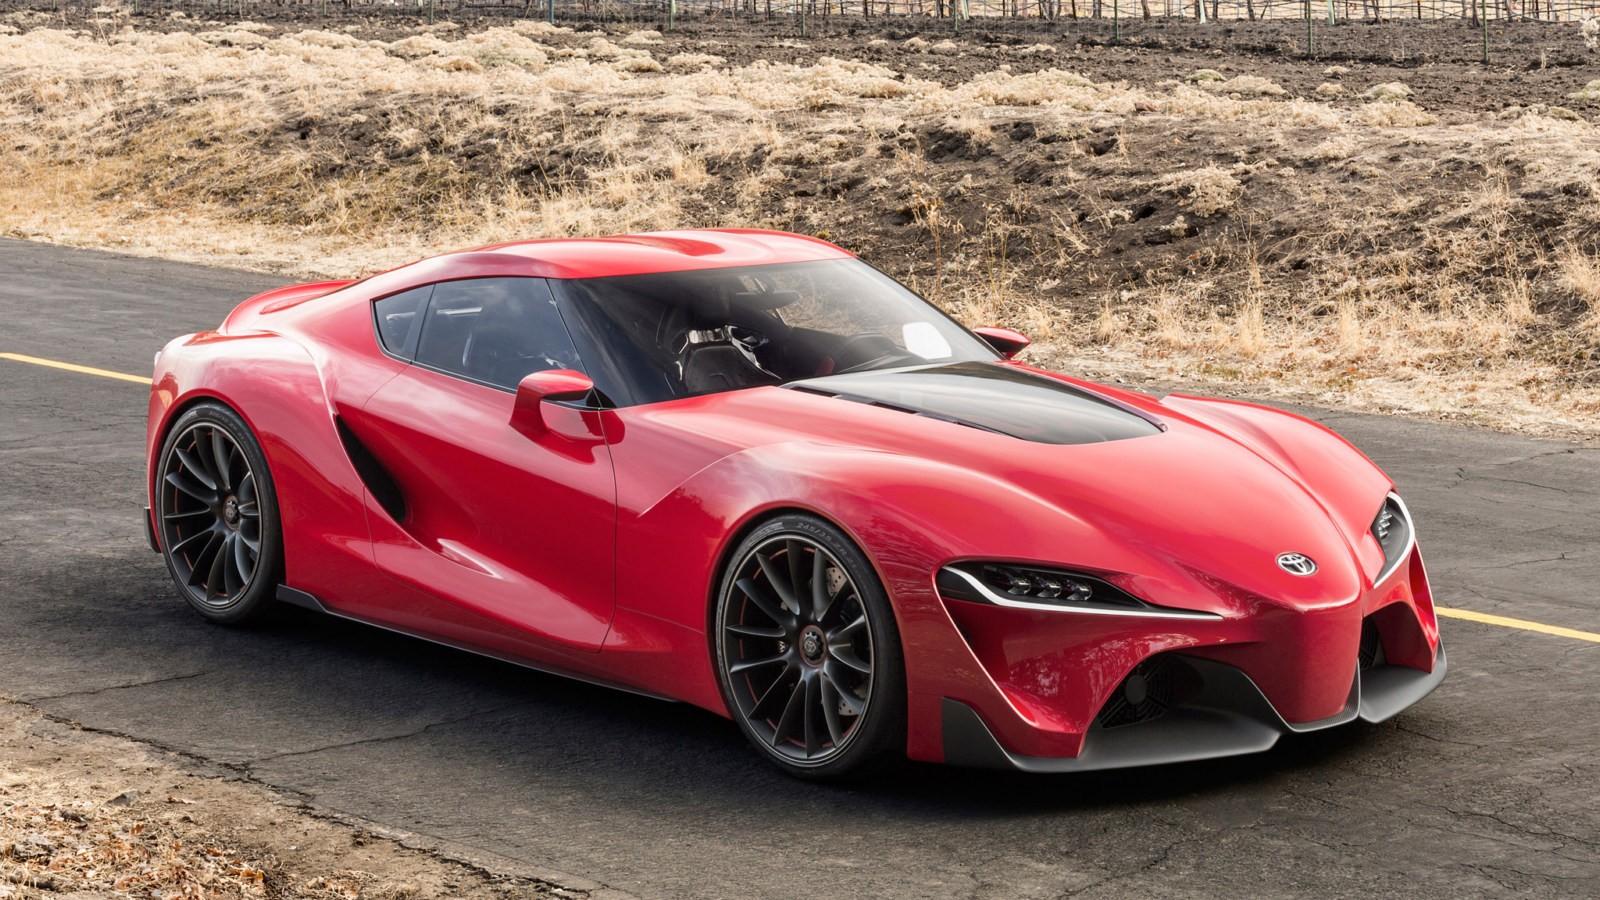 Концепт Toyota FT-1, по мотивам которого разработана новая Supra